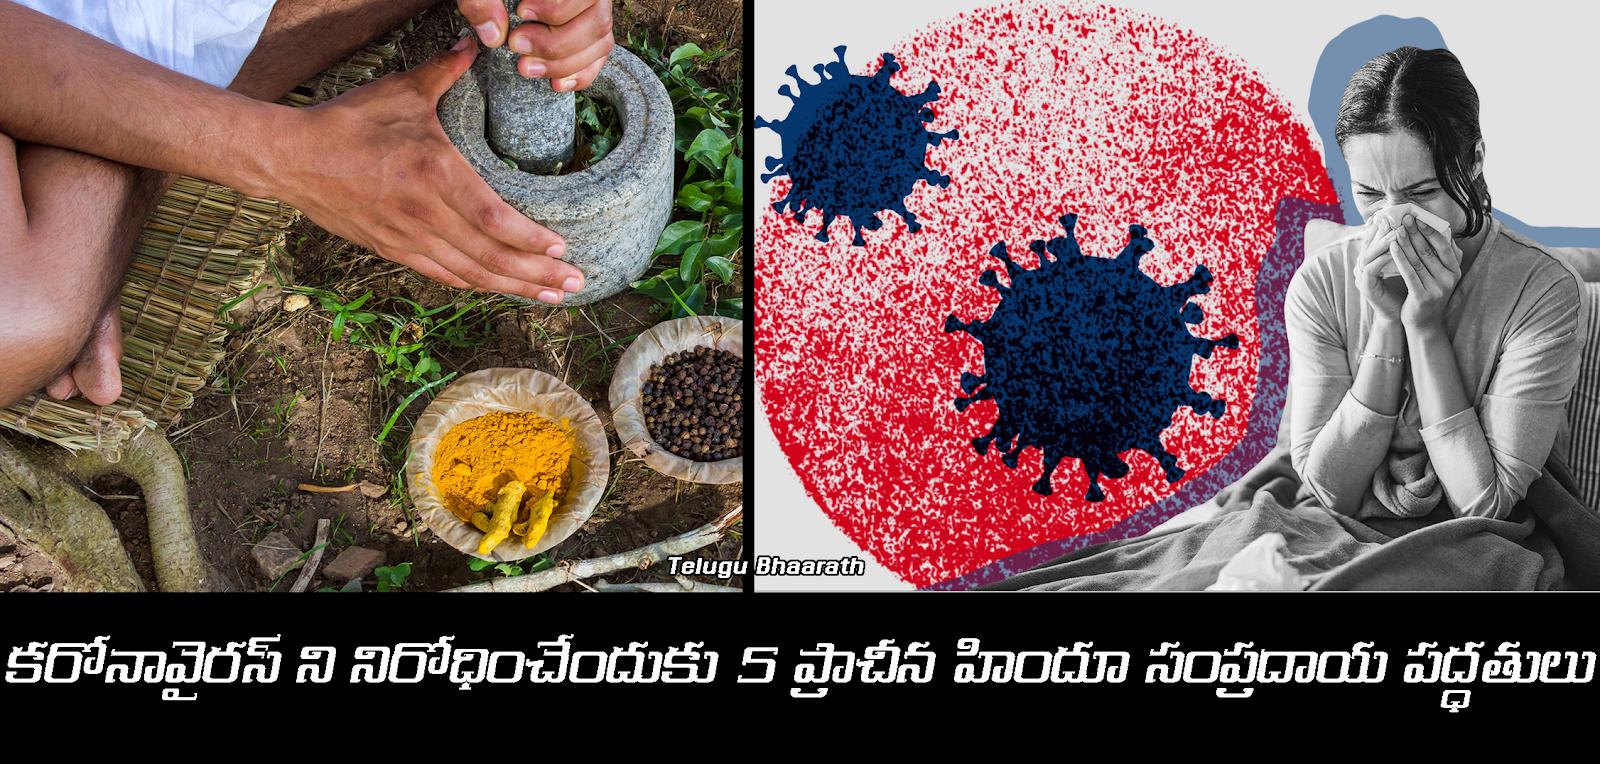 కరోనా వైరస్ వ్యాప్తిని నిరోధించేందుకు 5 ప్రాచీన హిందూ సంప్రదాయ పద్ధతులు - 5 Hindu Traditions to Help reduce Coronavirus